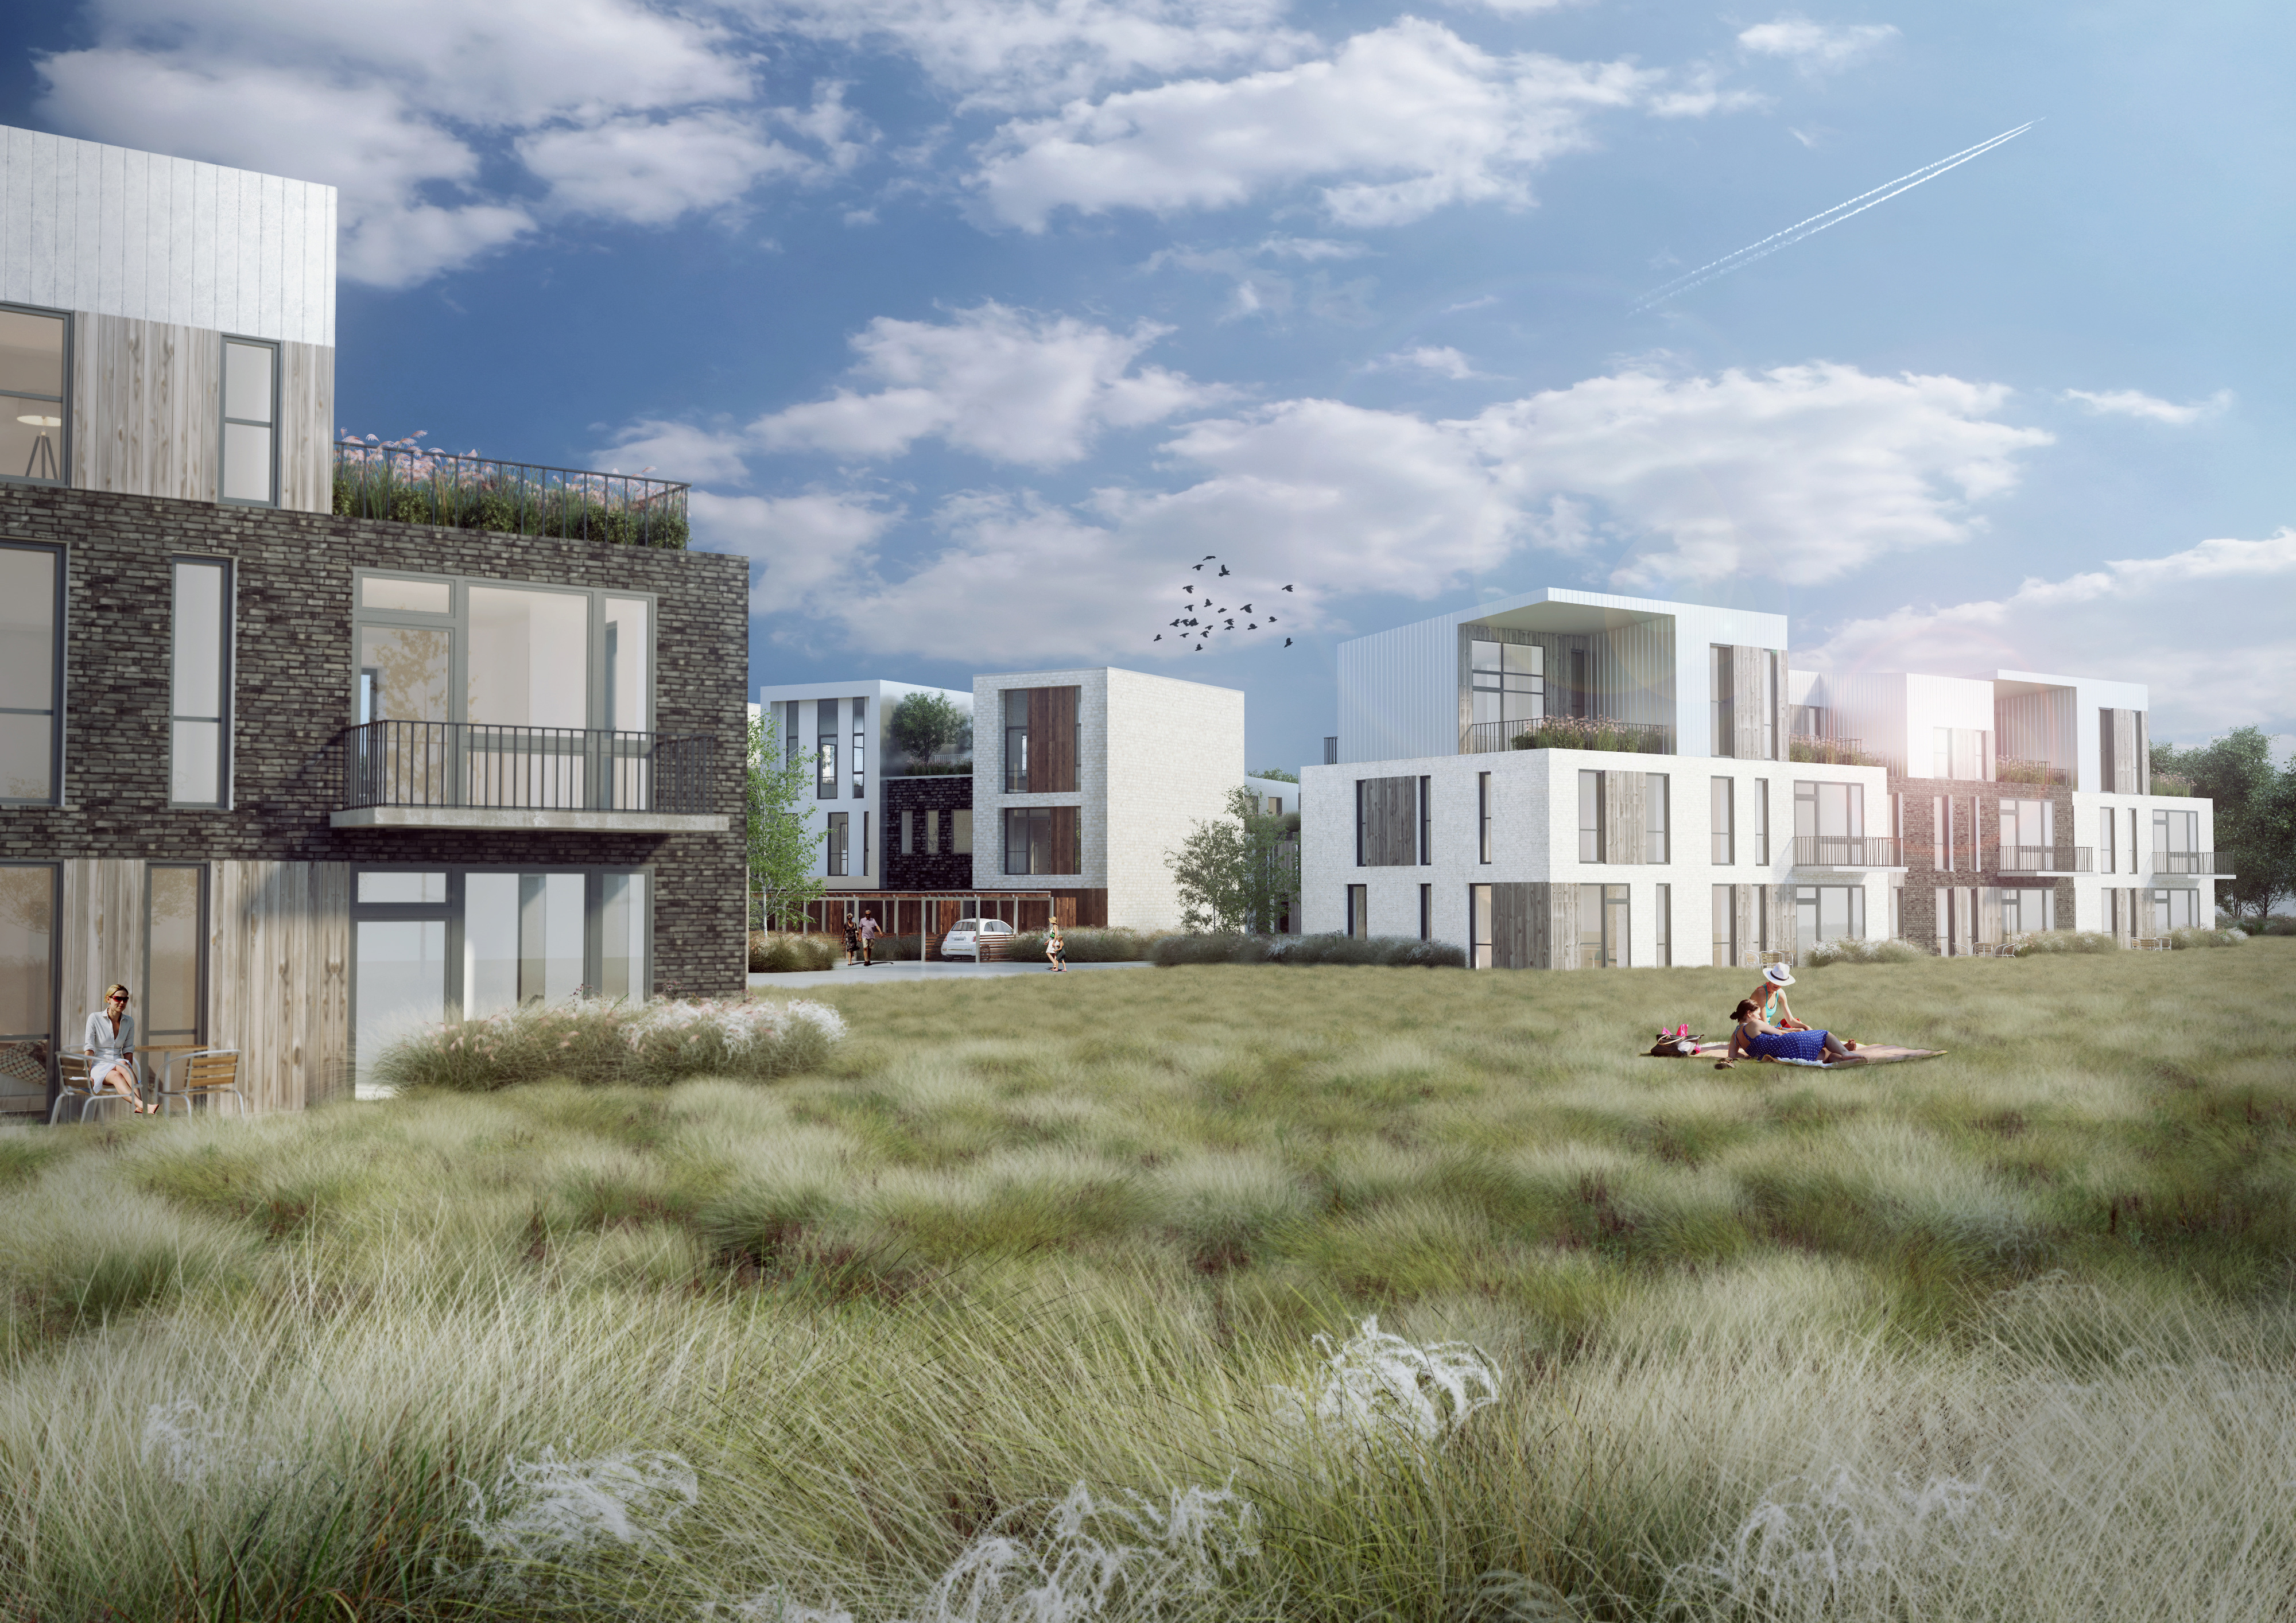 Over 120 boliger er udlejet i Sofiendalen: Hør om området fra en af beboerne her